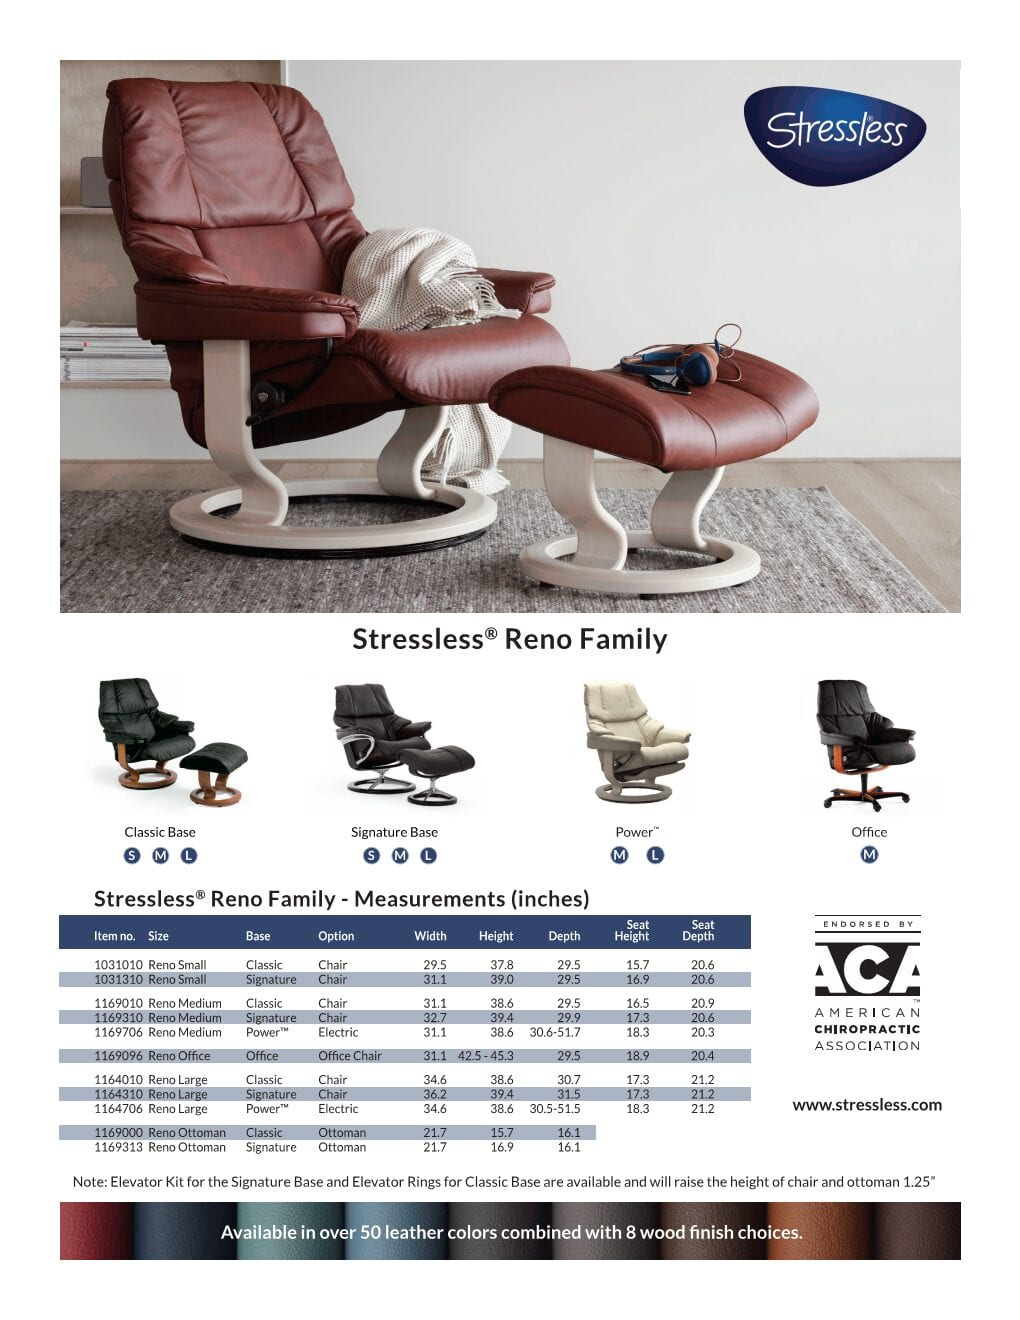 Reno Stressless Product Sheet